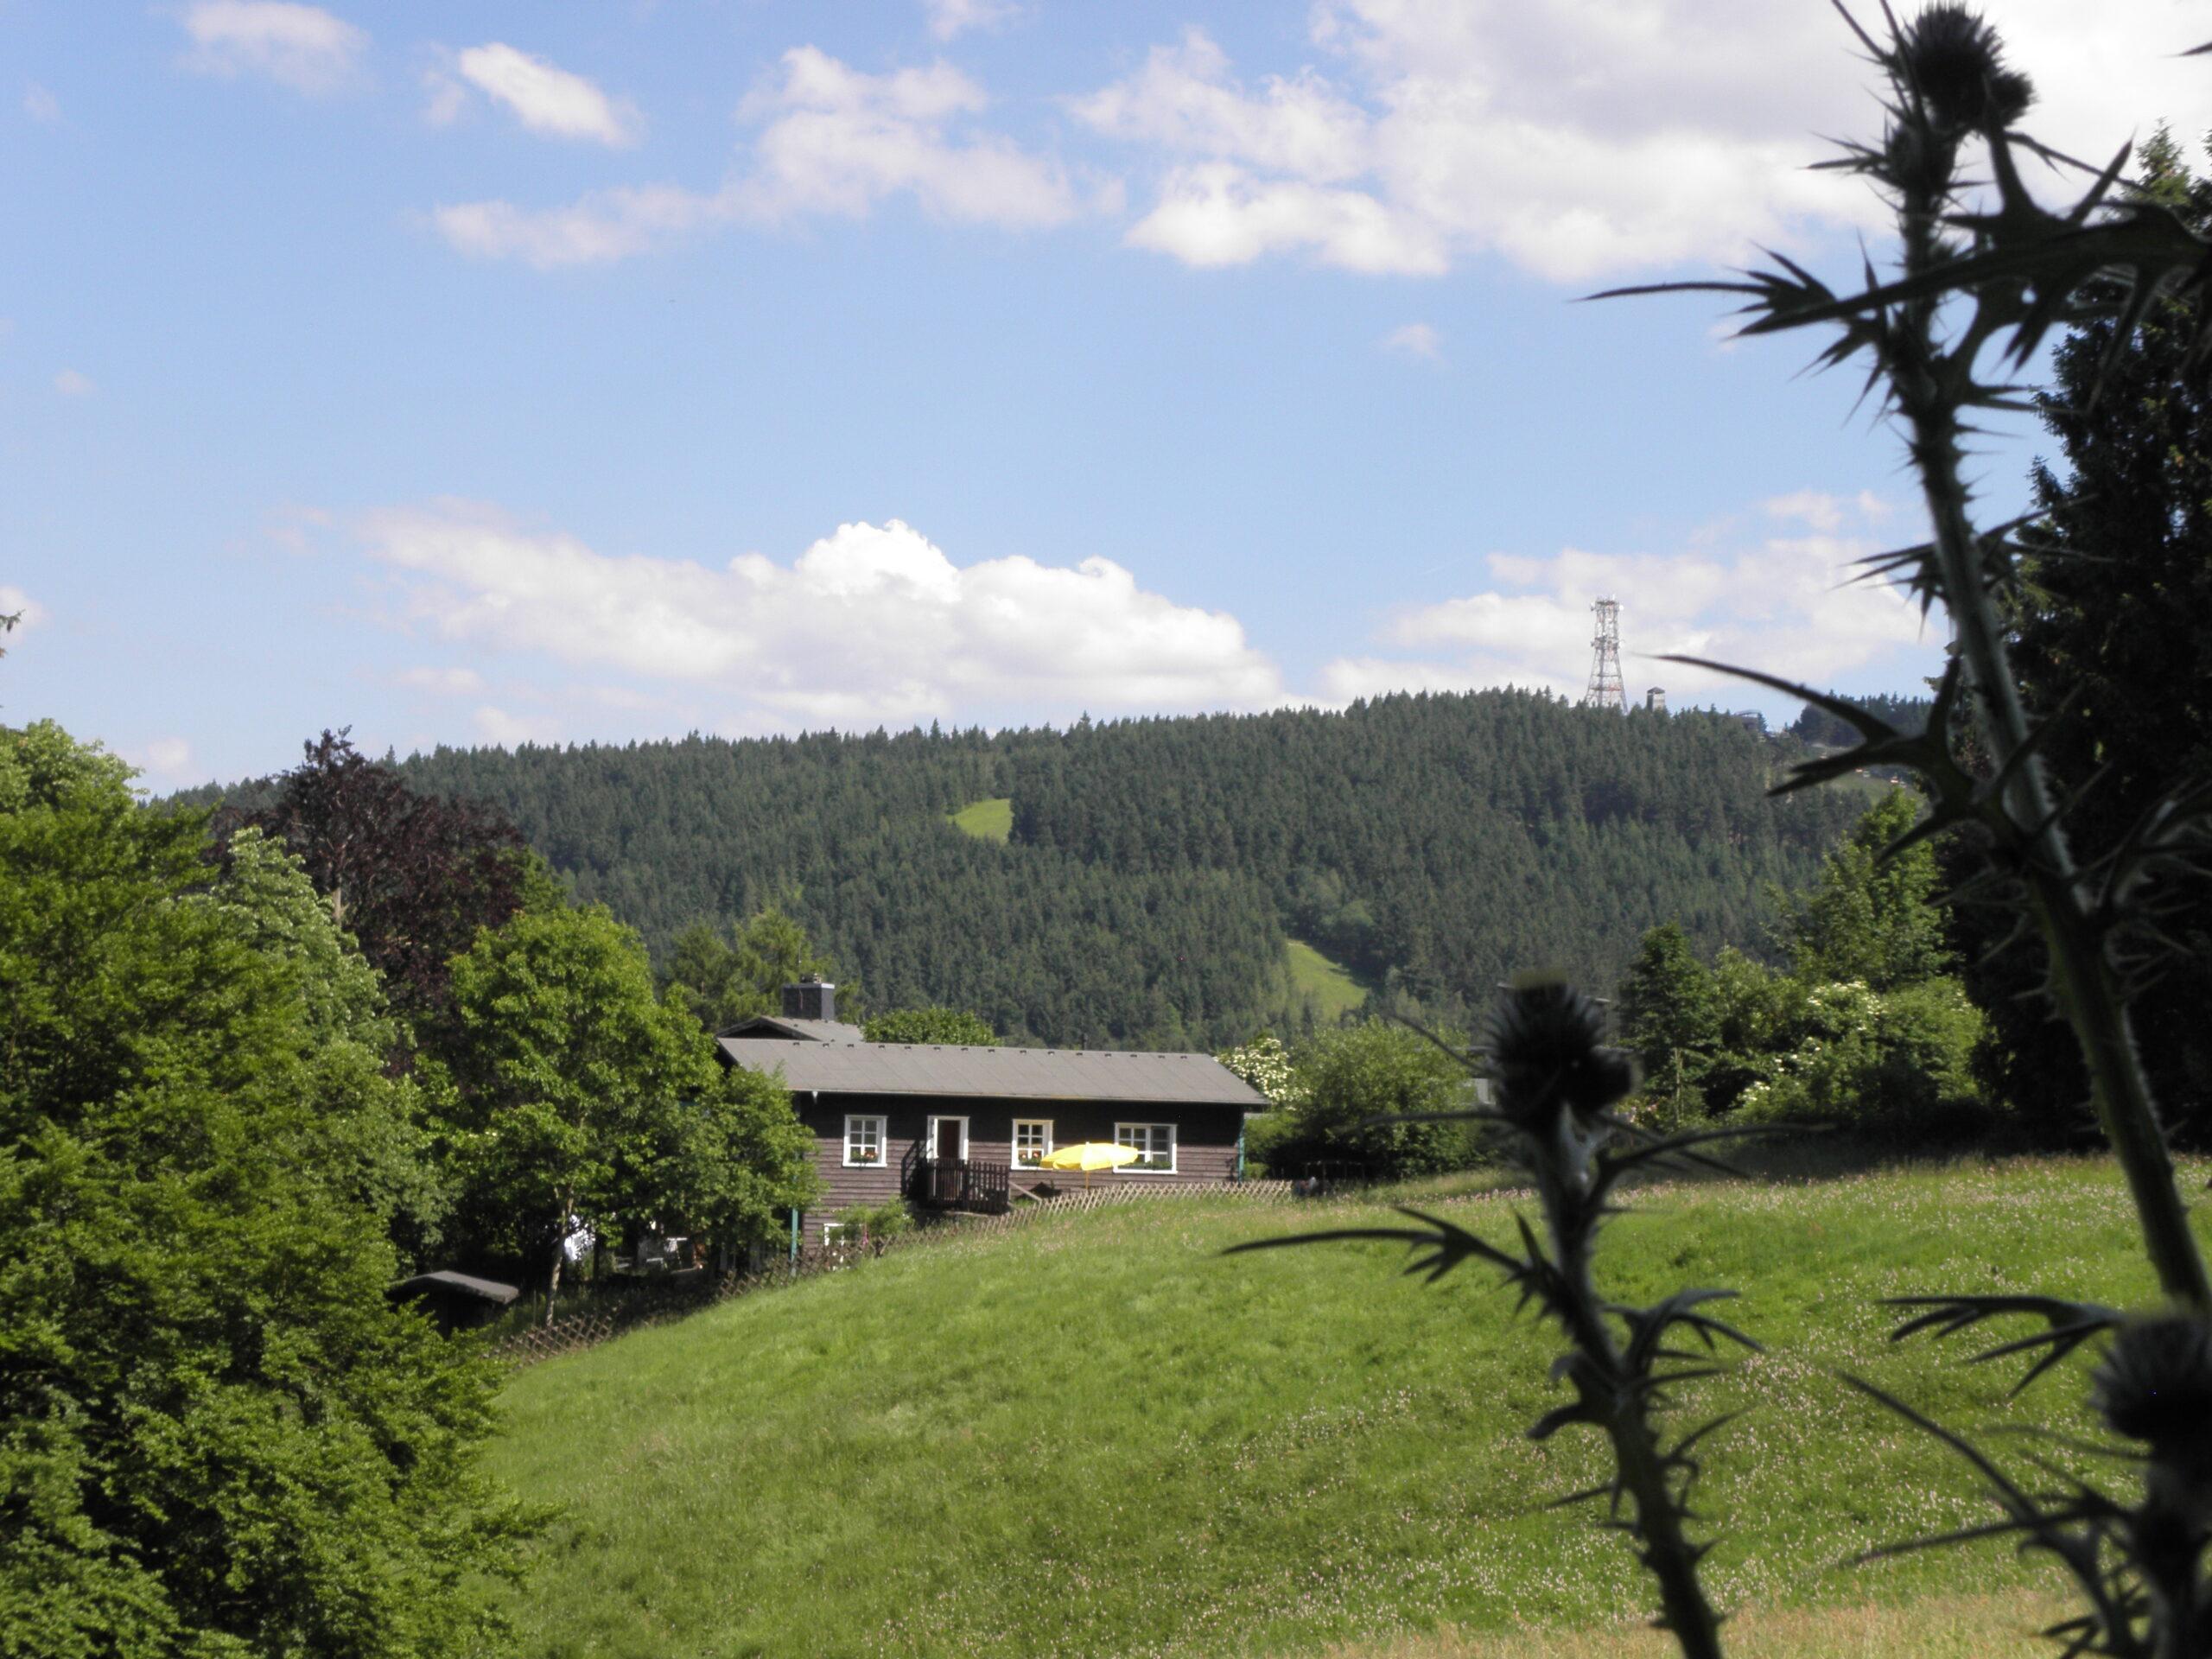 Im Vordergrund befindet sich eine große Bergwiese. Dahinter liegt ein Haus am Waldrand. Im Hintergrund ist der Bocjsberg mit Turm erkannbar